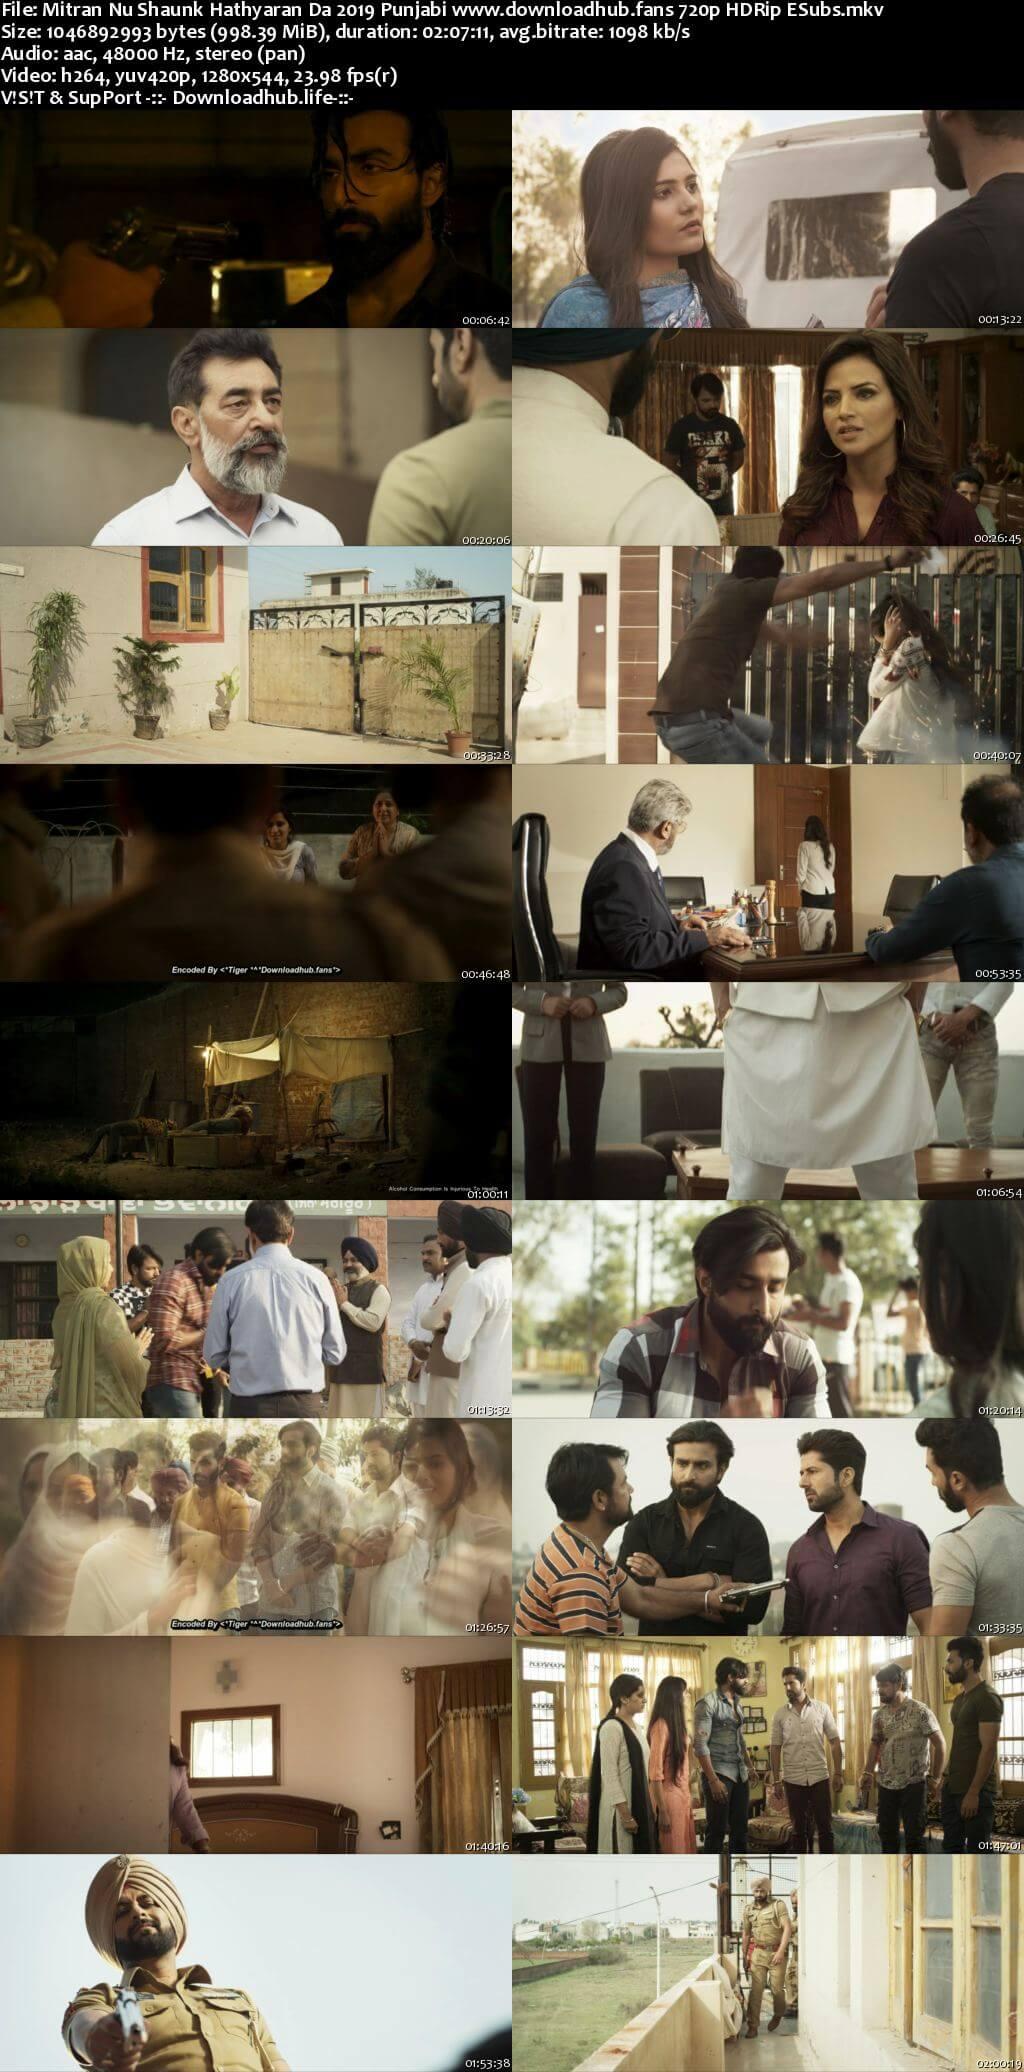 Mitran Nu Shaunk Hathyaran Da 2019 Punjabi 720p HDRip ESubs